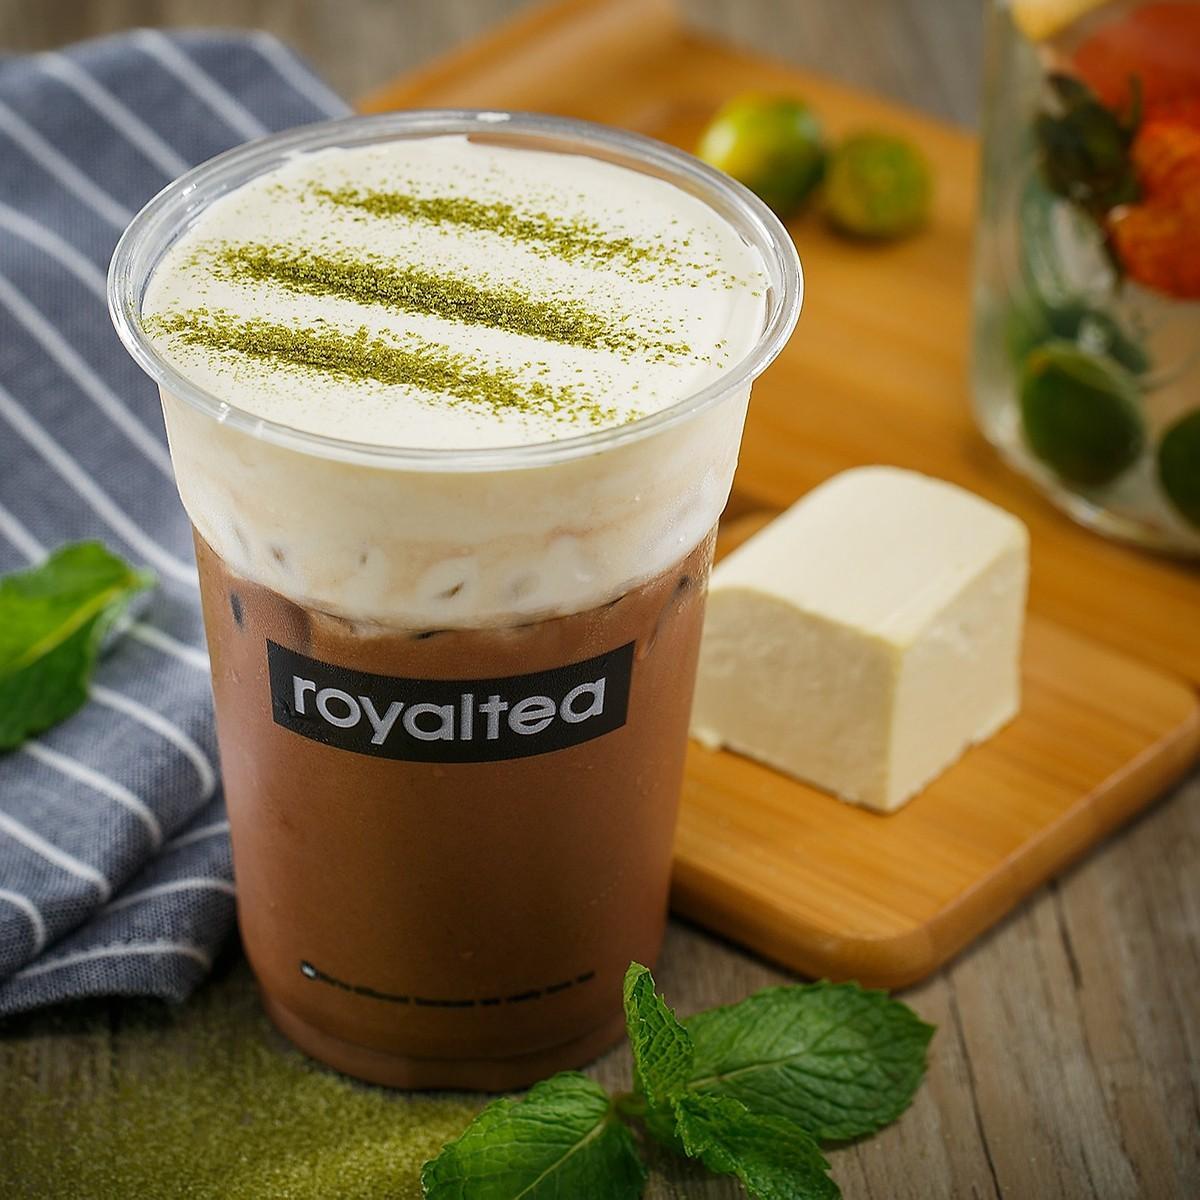 [Kootoro] HCM E-voucher  Royal Tea giảm giá 35% toàn menu tại 10 chi nhánh